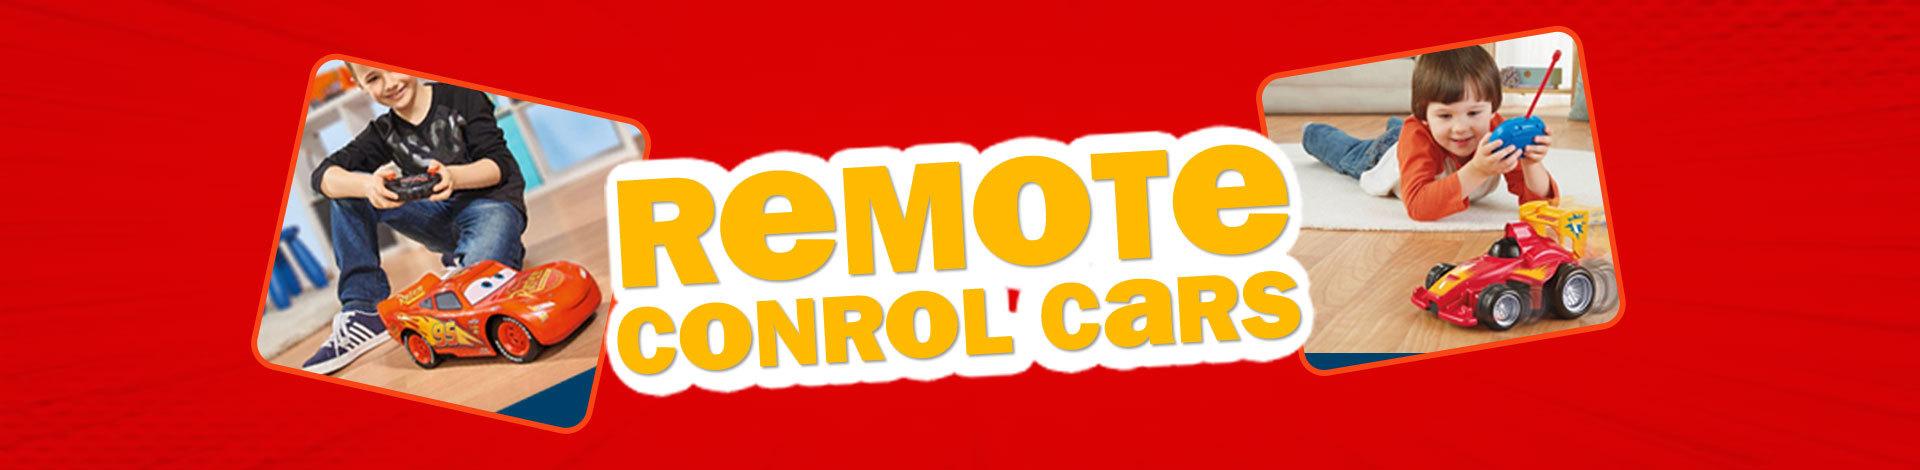 More Remote Control